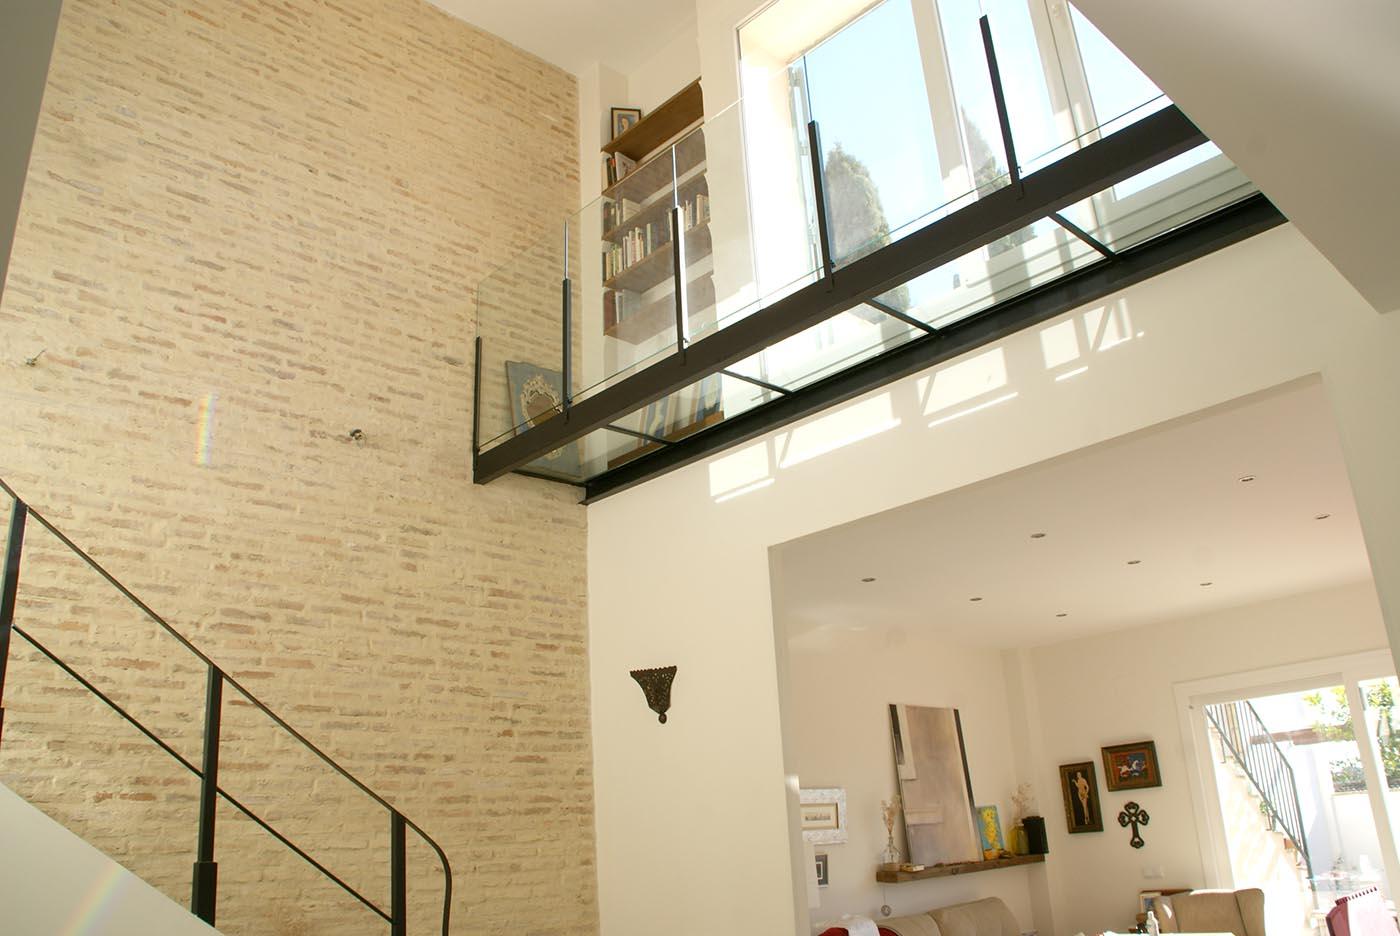 Estudio viso scp estudio de arquitectura en sevilla - Estudios de arquitectura sevilla ...